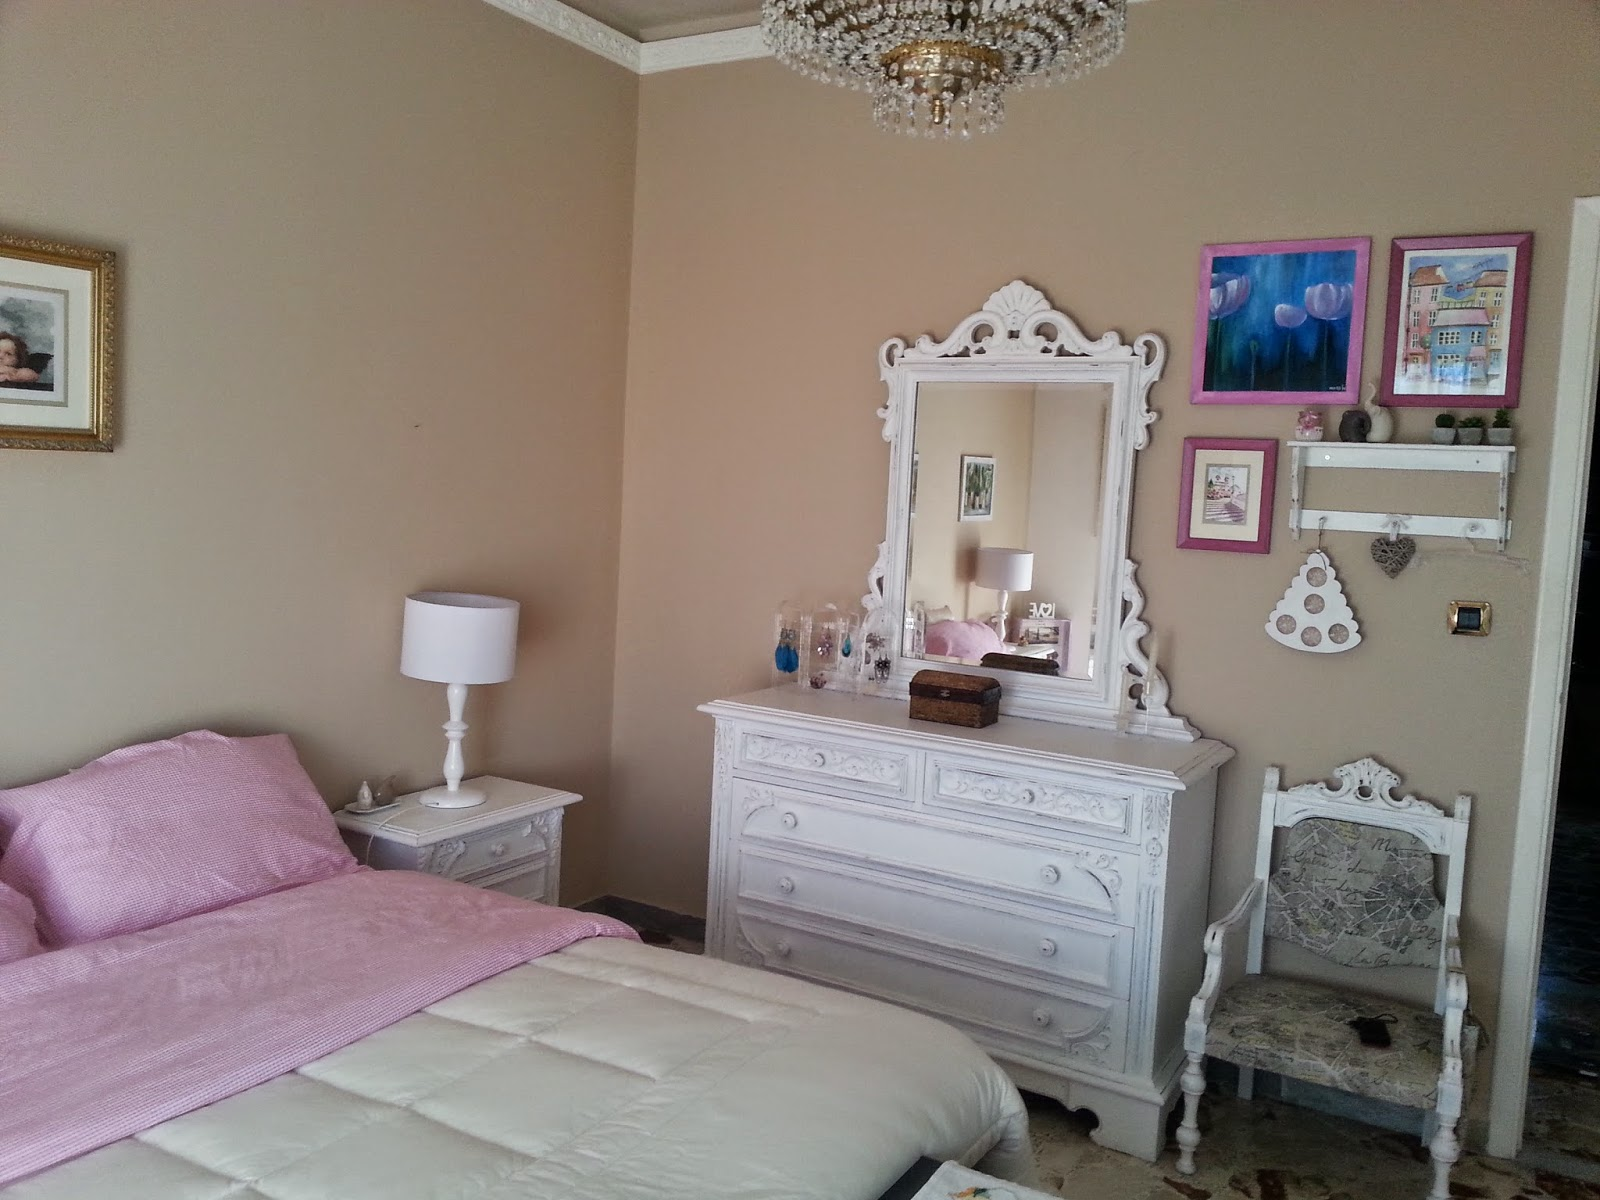 Stanza Da Letto Ikea : Lampade camera da letto ikea lampade per comodini camera da letto